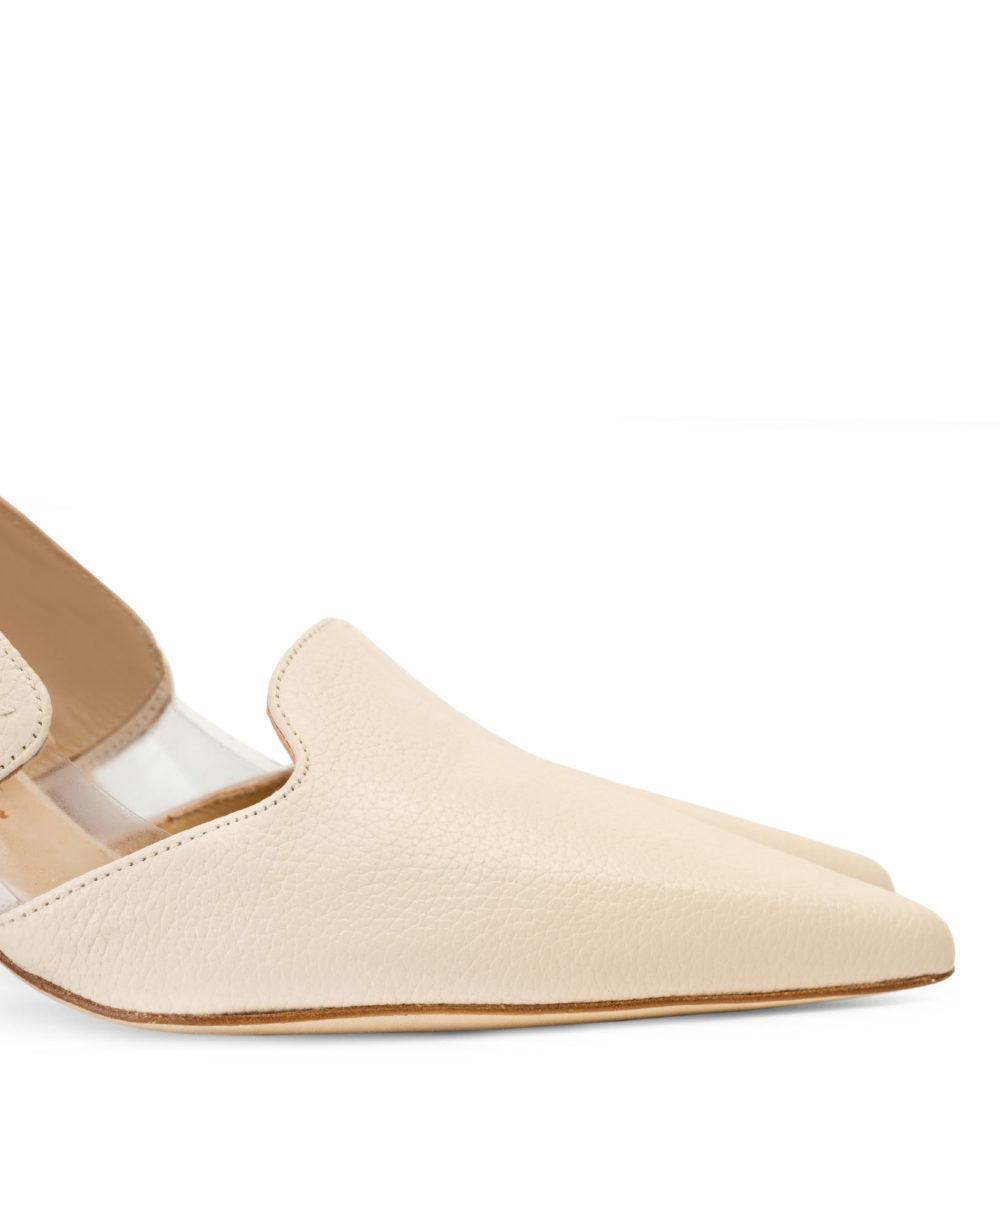 P-3898 Arce Buffalo Zapatos de piel Paco Gil detalle